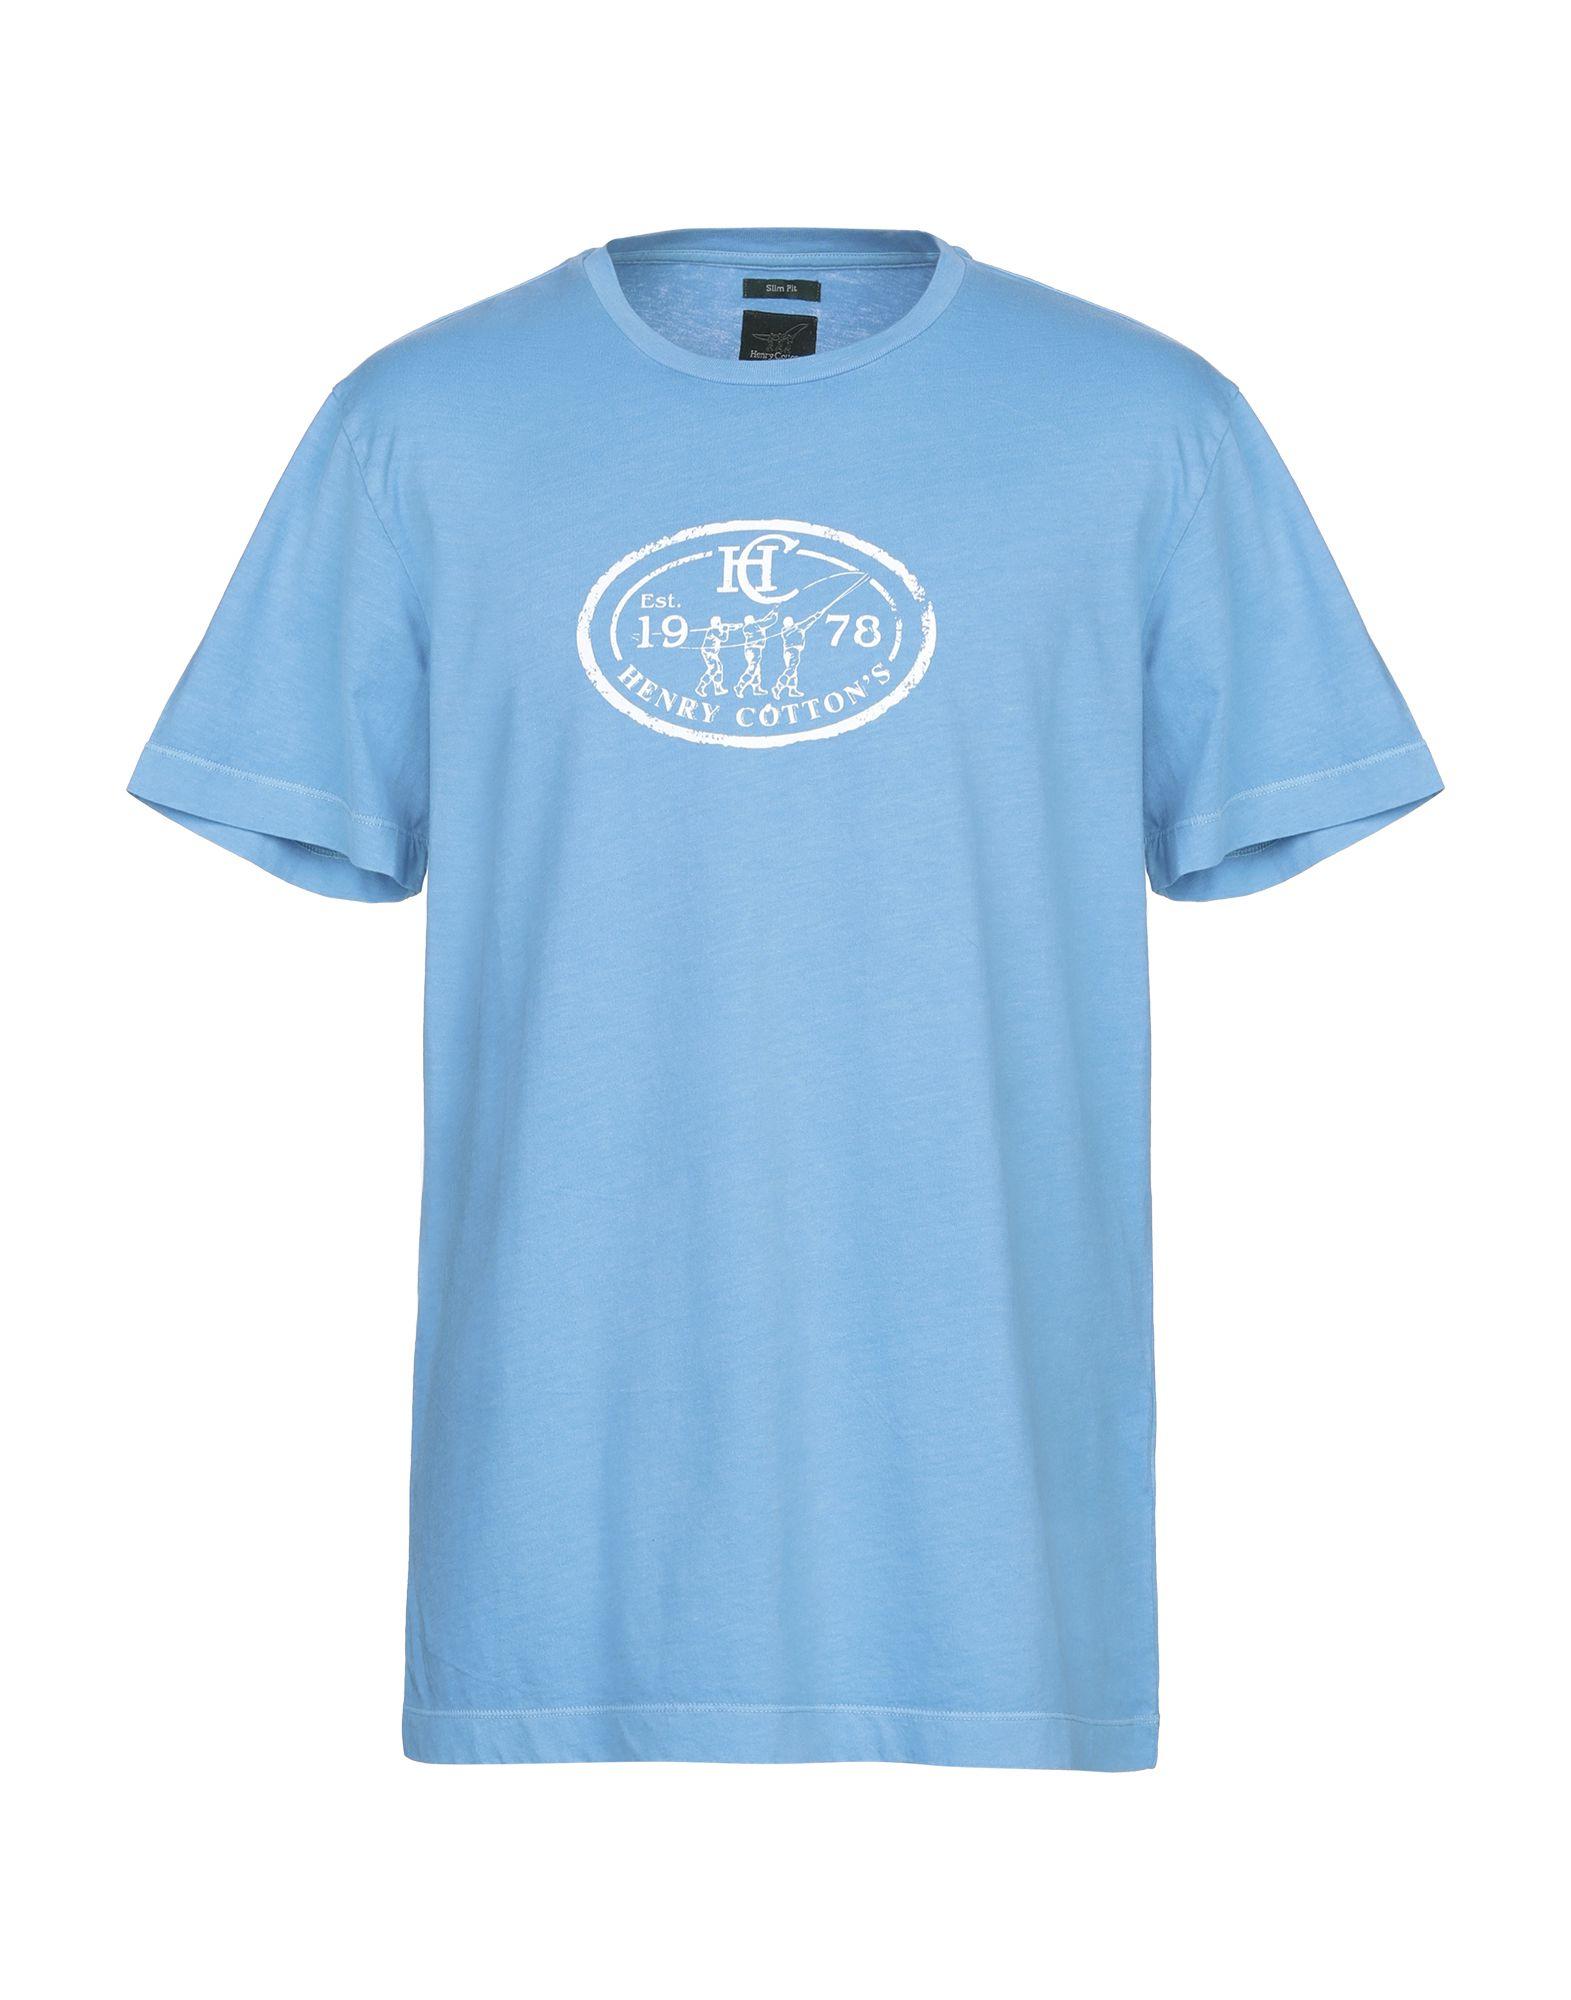 《送料無料》HENRY COTTON'S メンズ T シャツ アジュールブルー XL コットン 100%